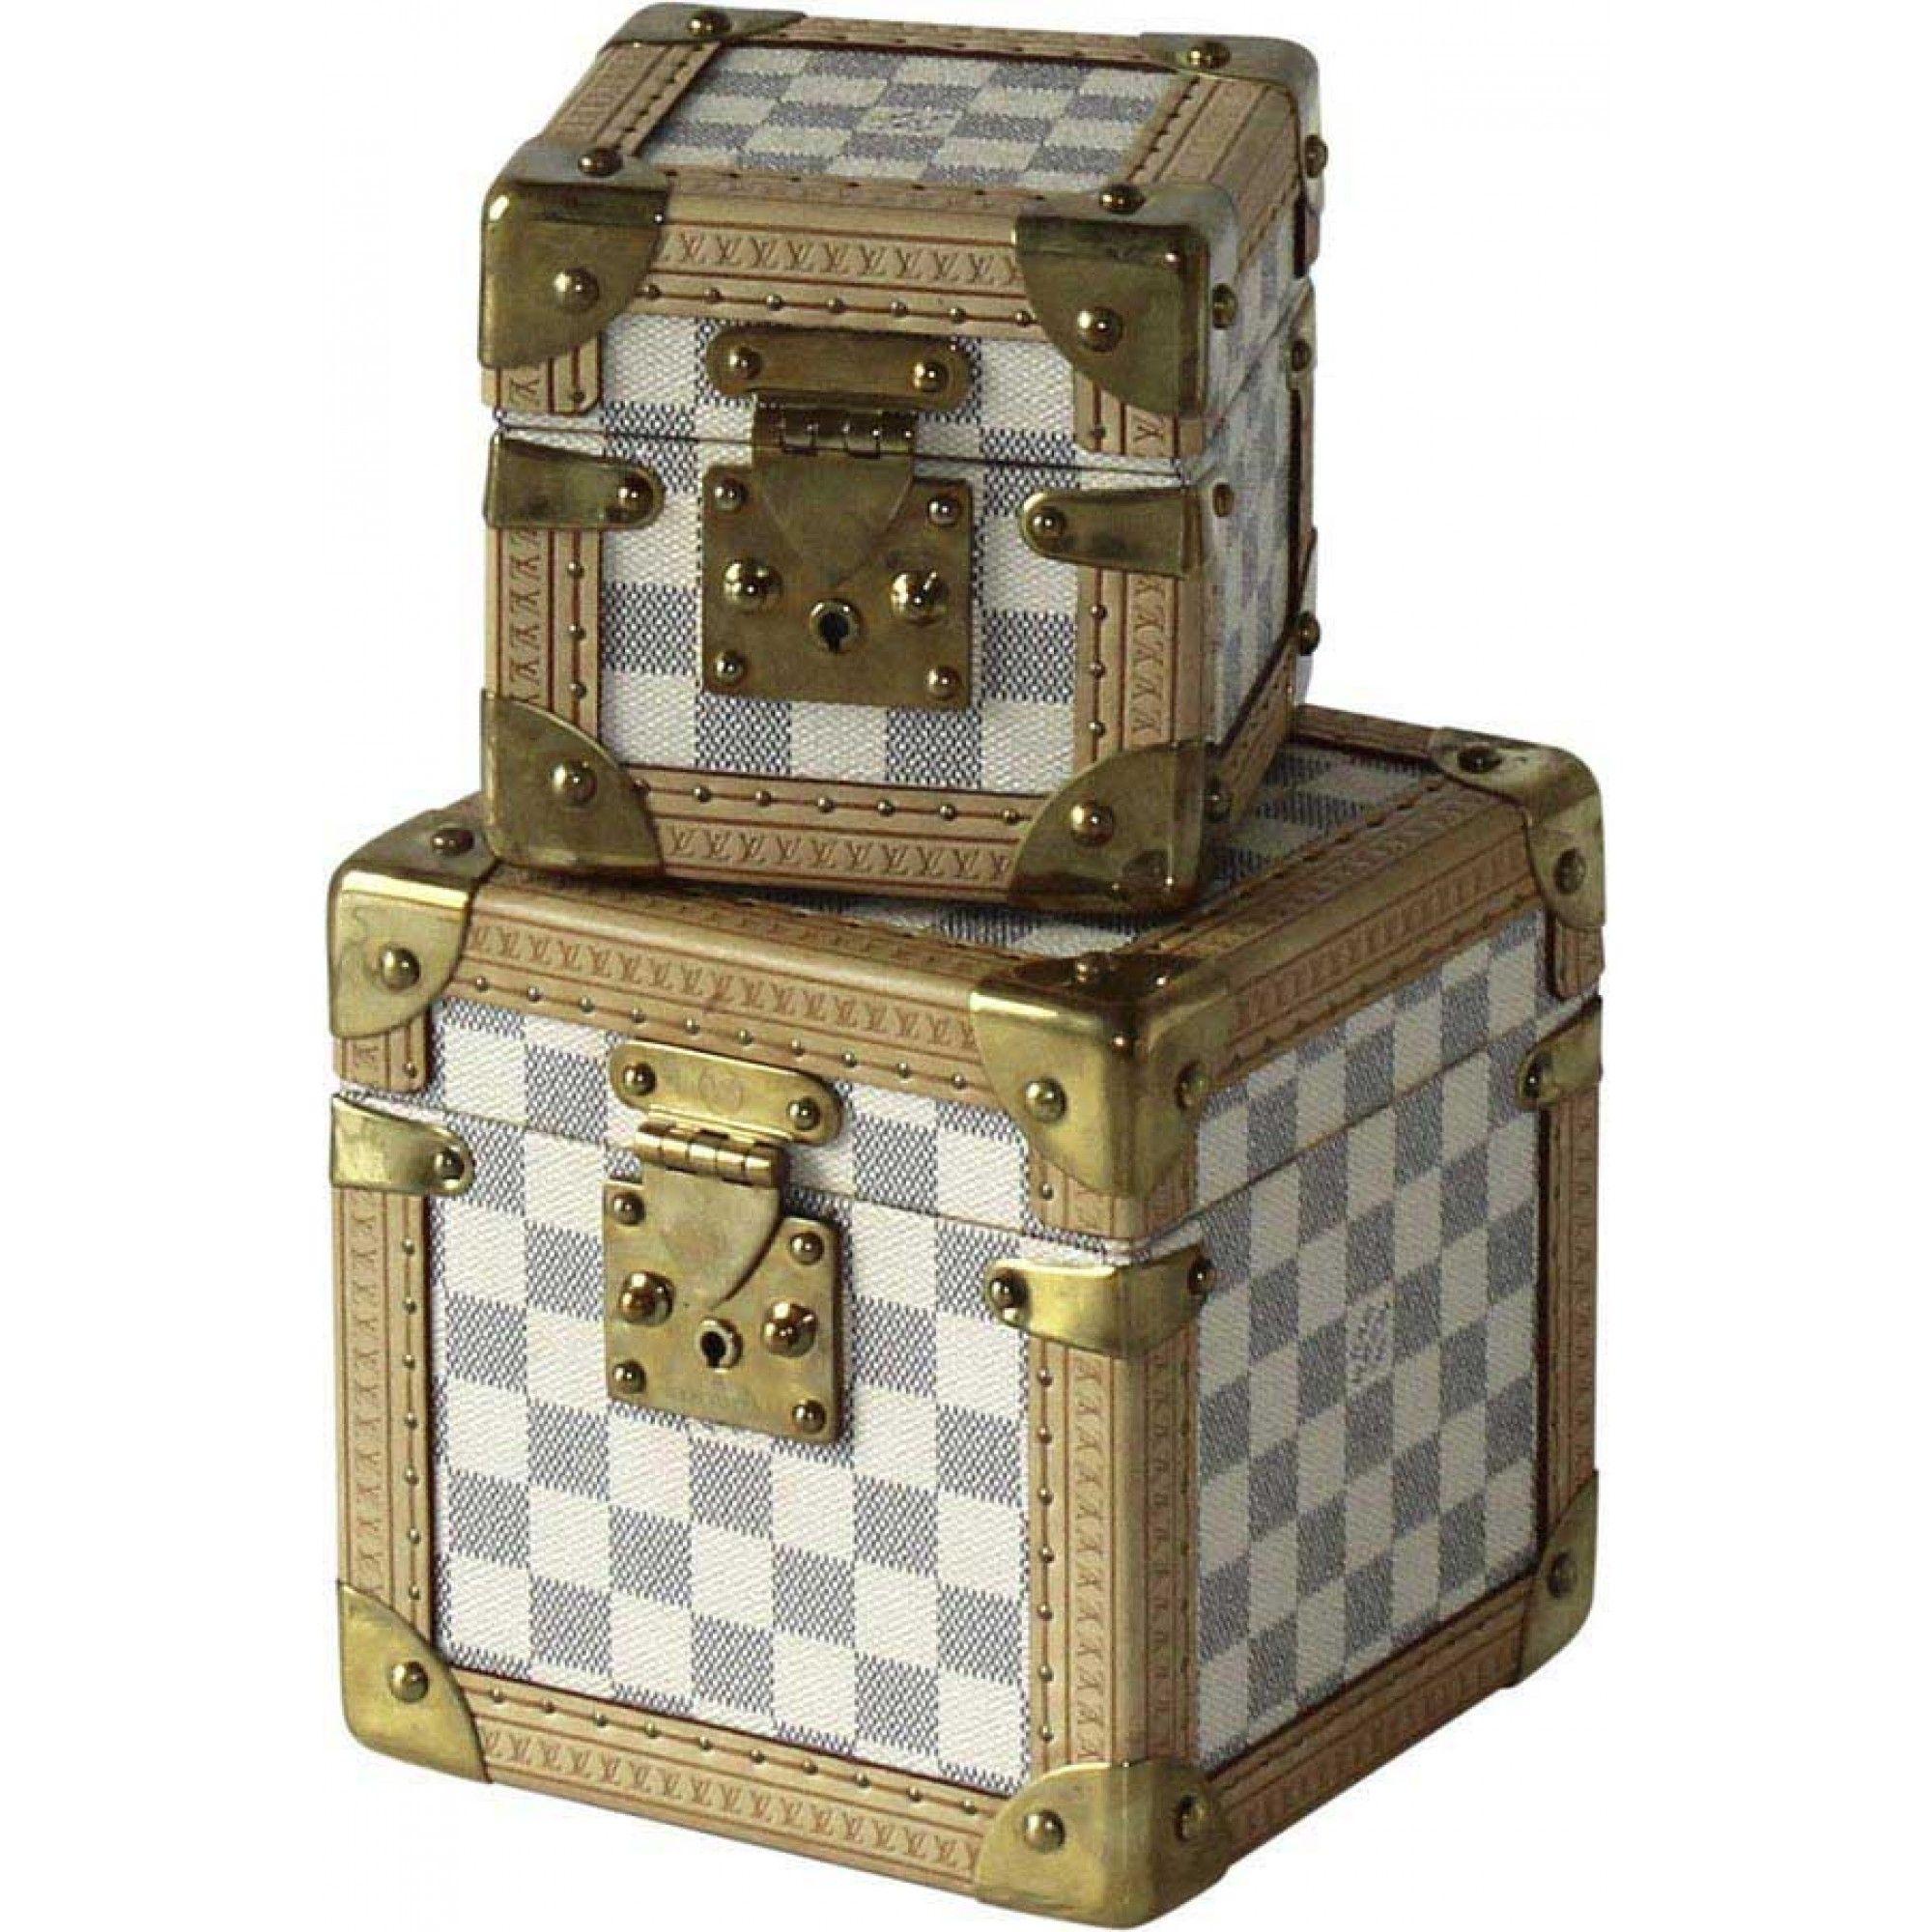 Louis Vuitton Cube Case Damier Azur GM - Louis Vuitton - Brands ...